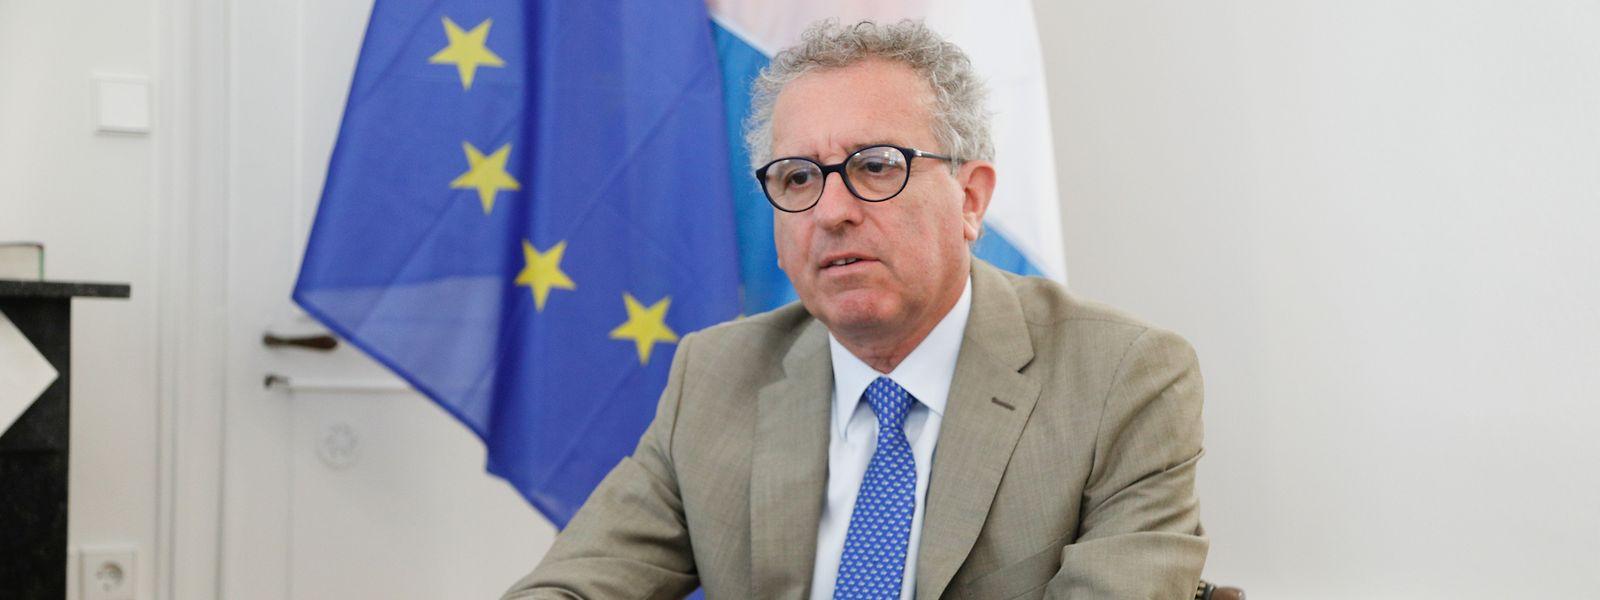 «Nous sommes déjà leader dans la finance verte et soutenable», assure Pierre Gramegna, ministre des Finances.